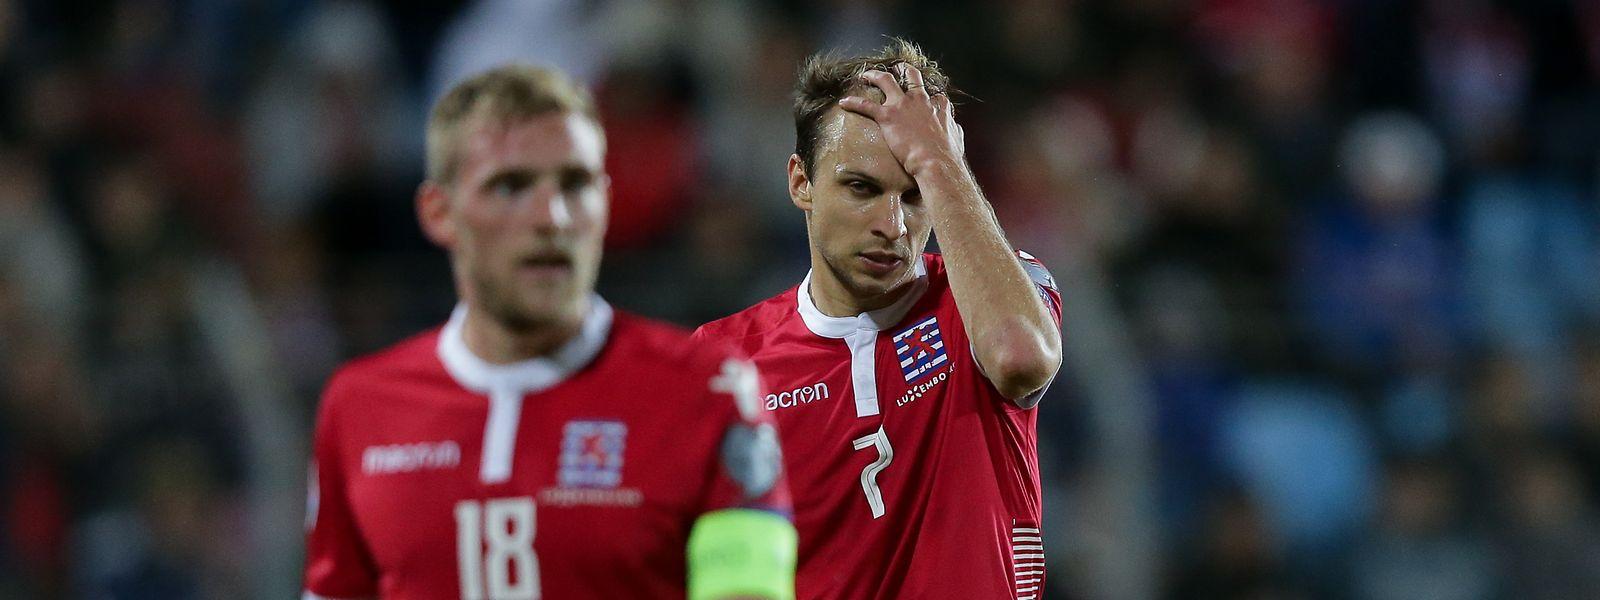 Lars Gerson (r.), Laurent Jans und die Luxemburger freuen sich auf das Spiel.